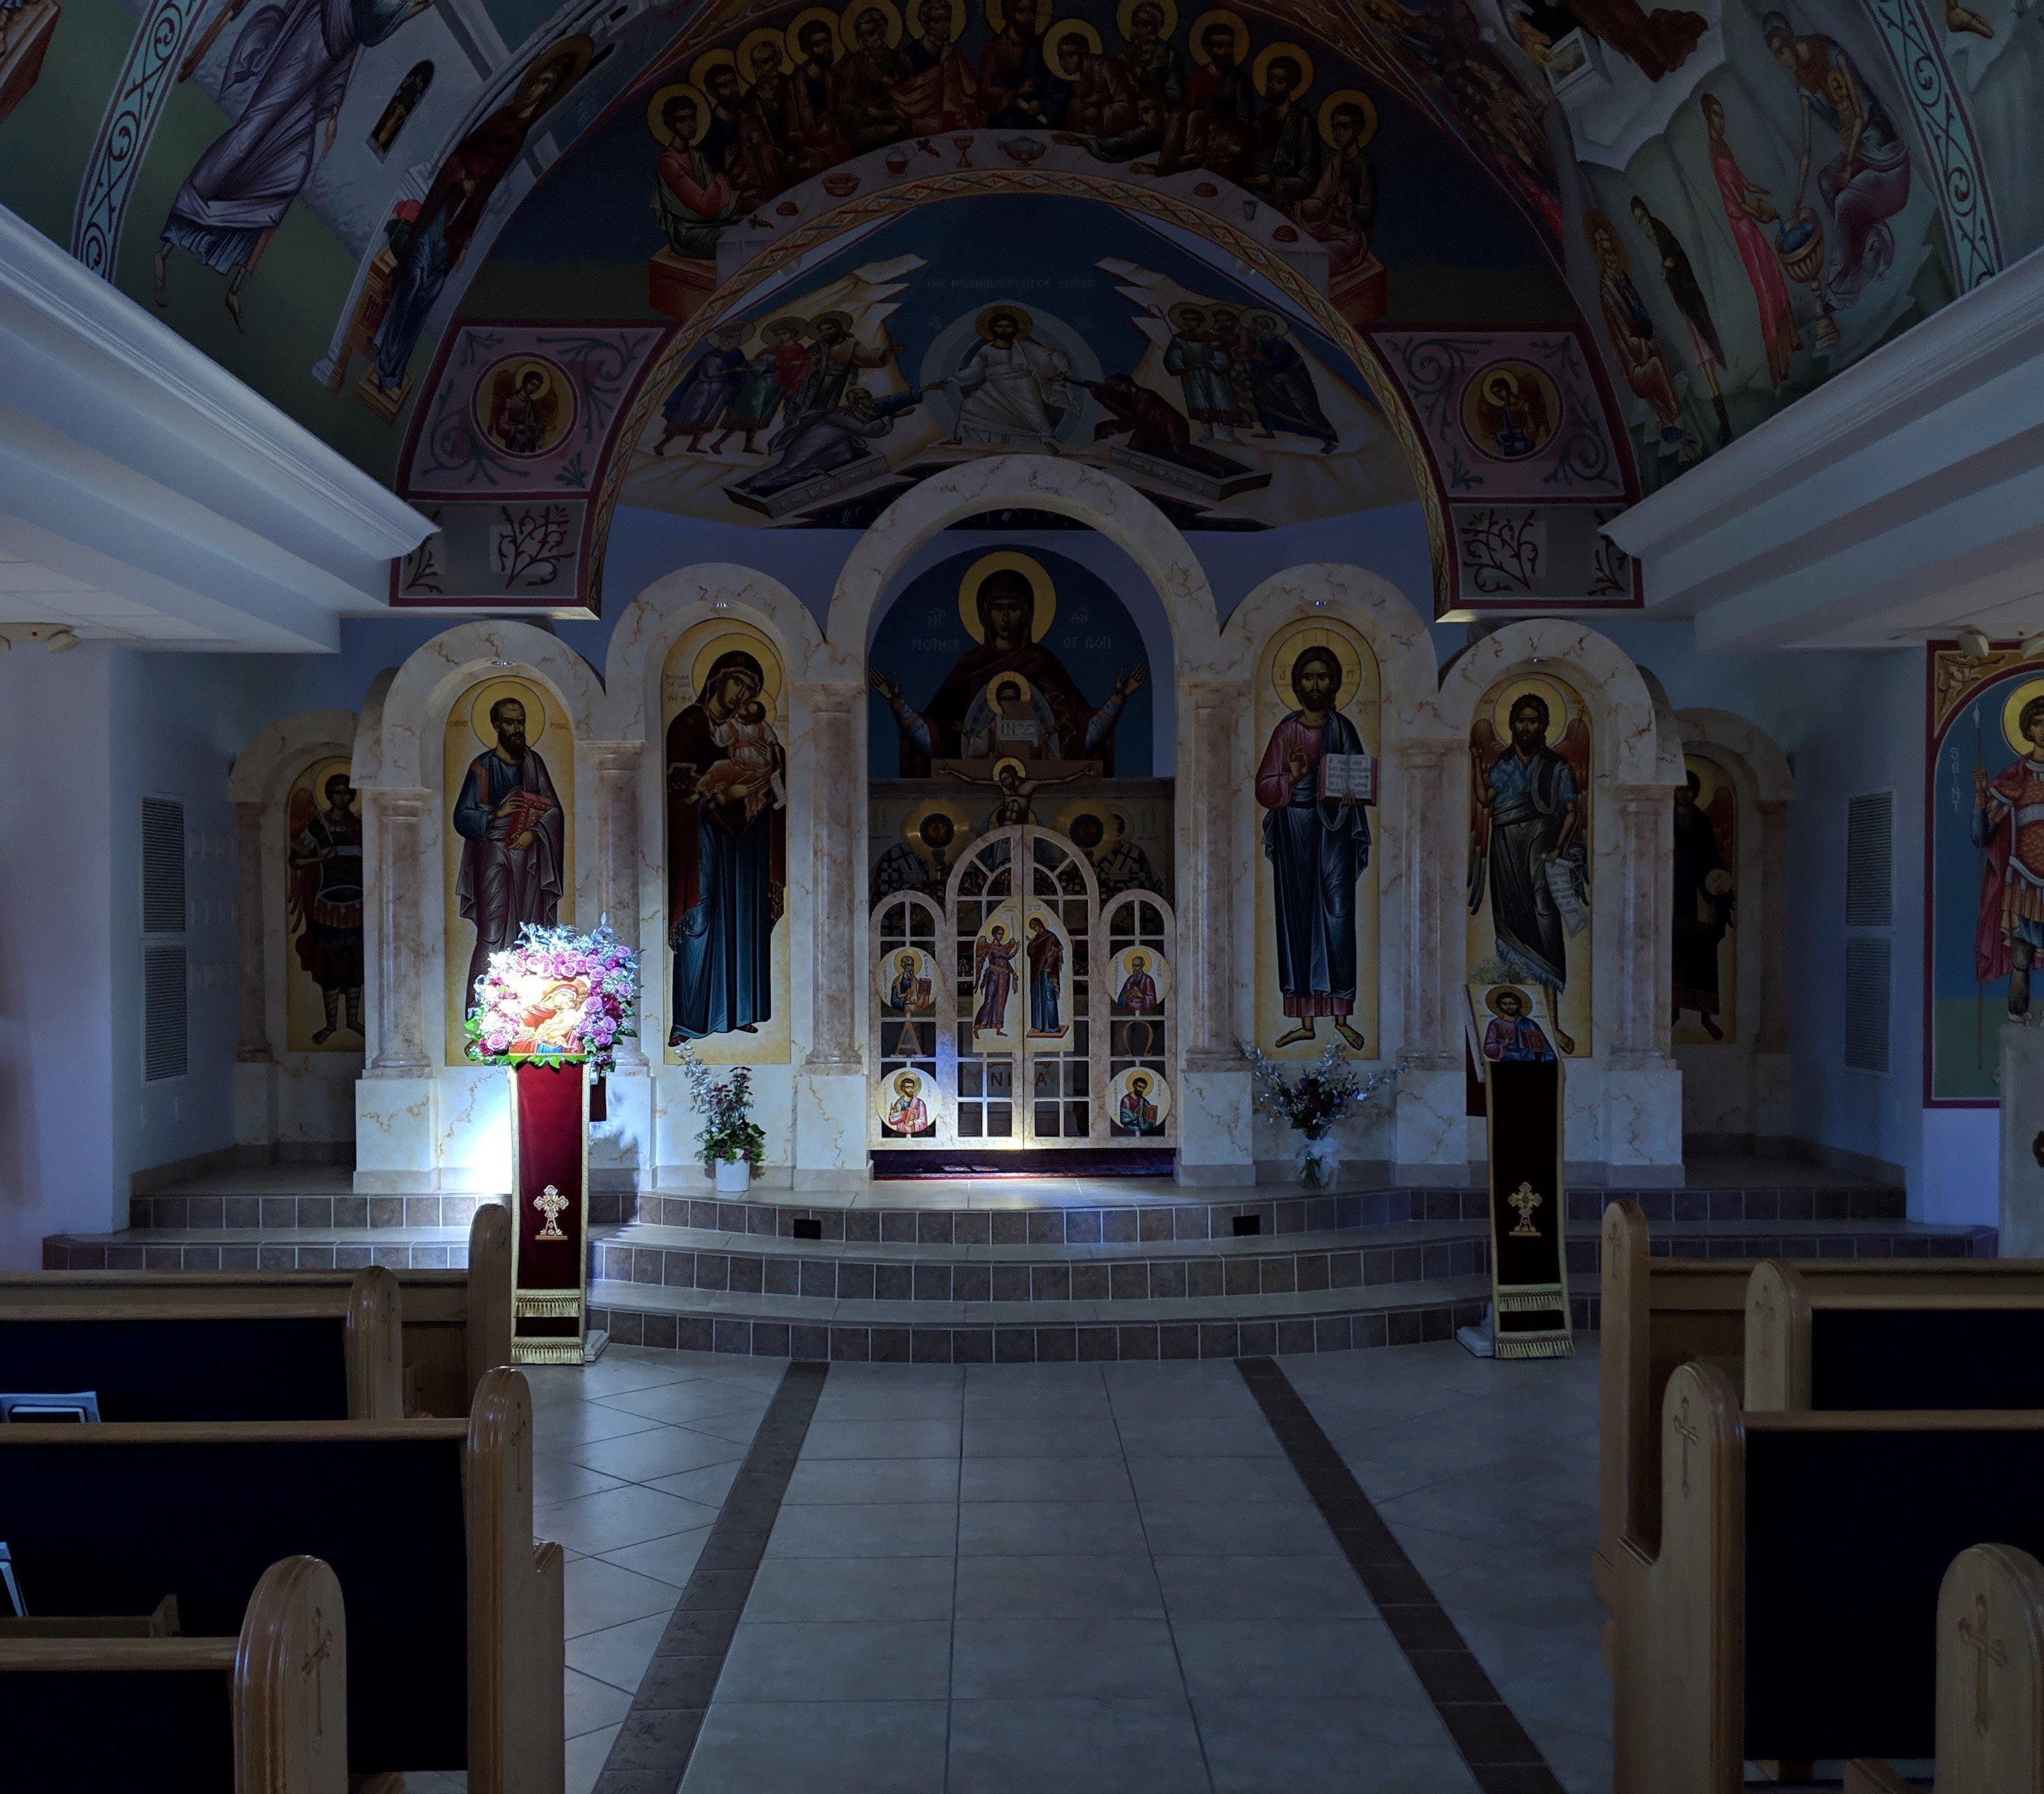 St. Paul Christian Church